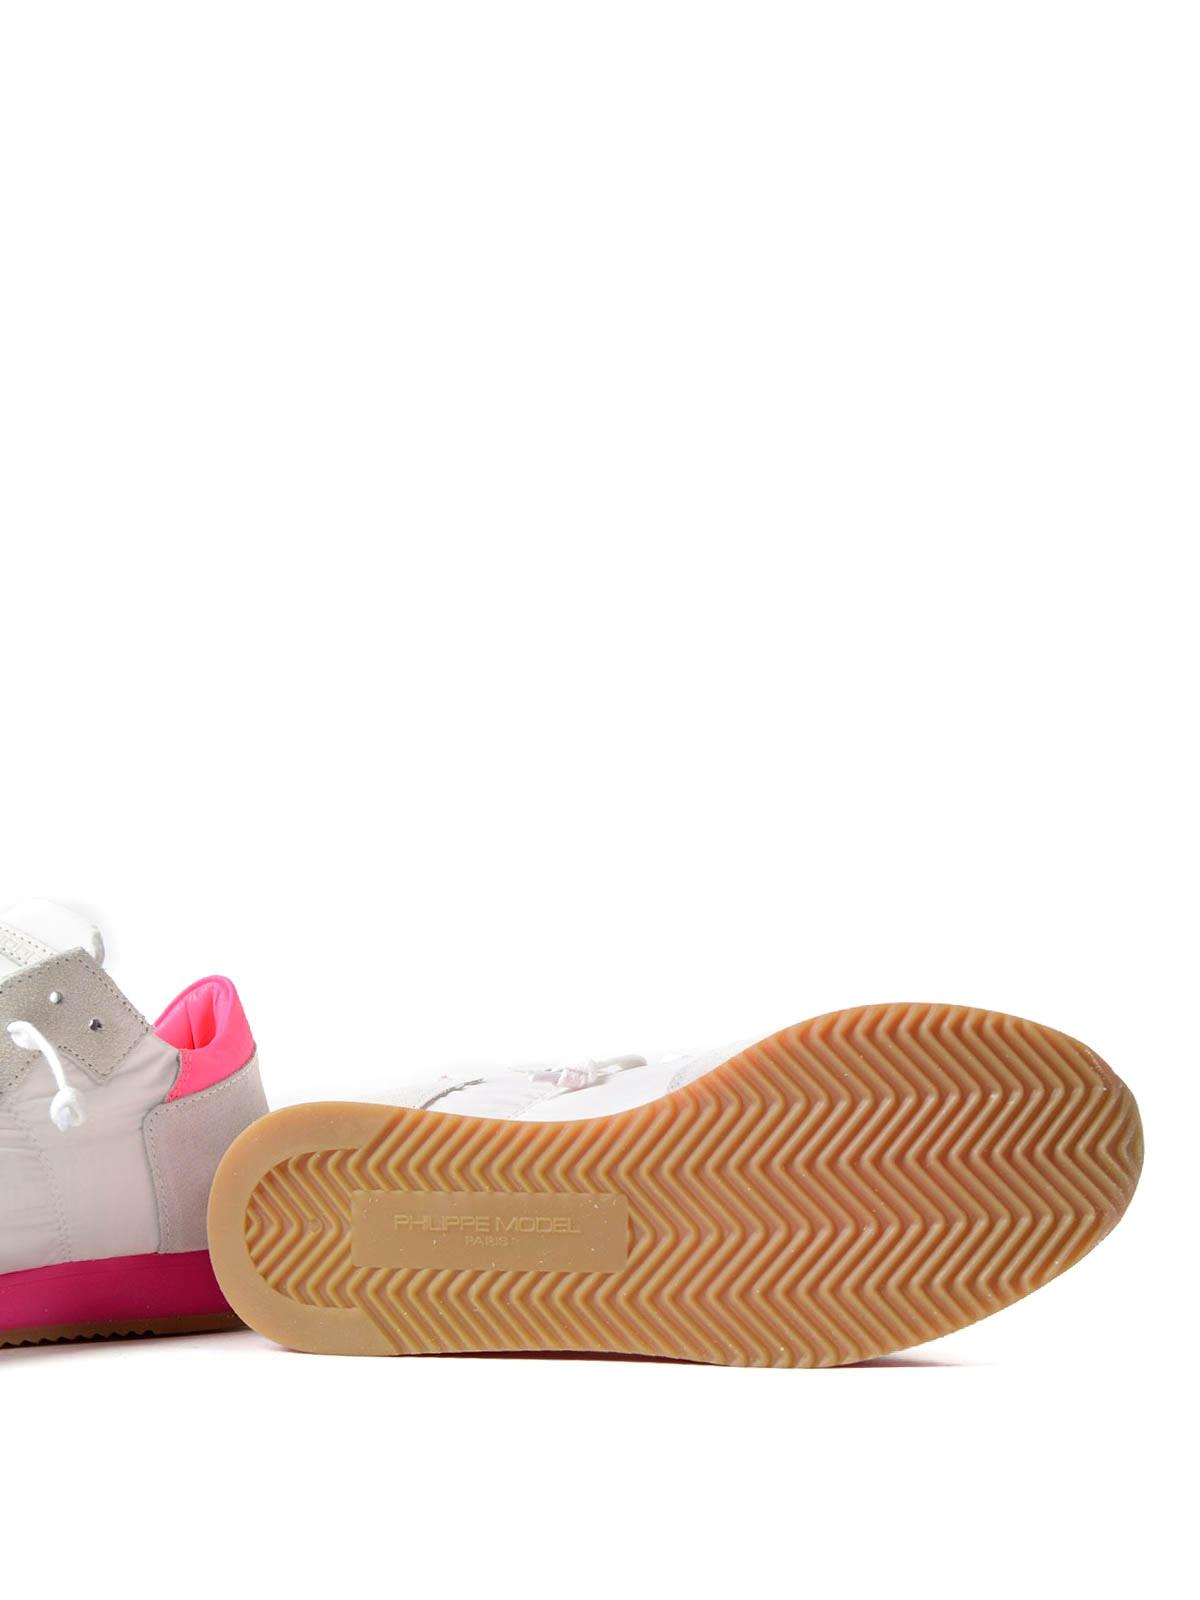 Tropez neon suede sneakersPhilippe Model mj08fVo